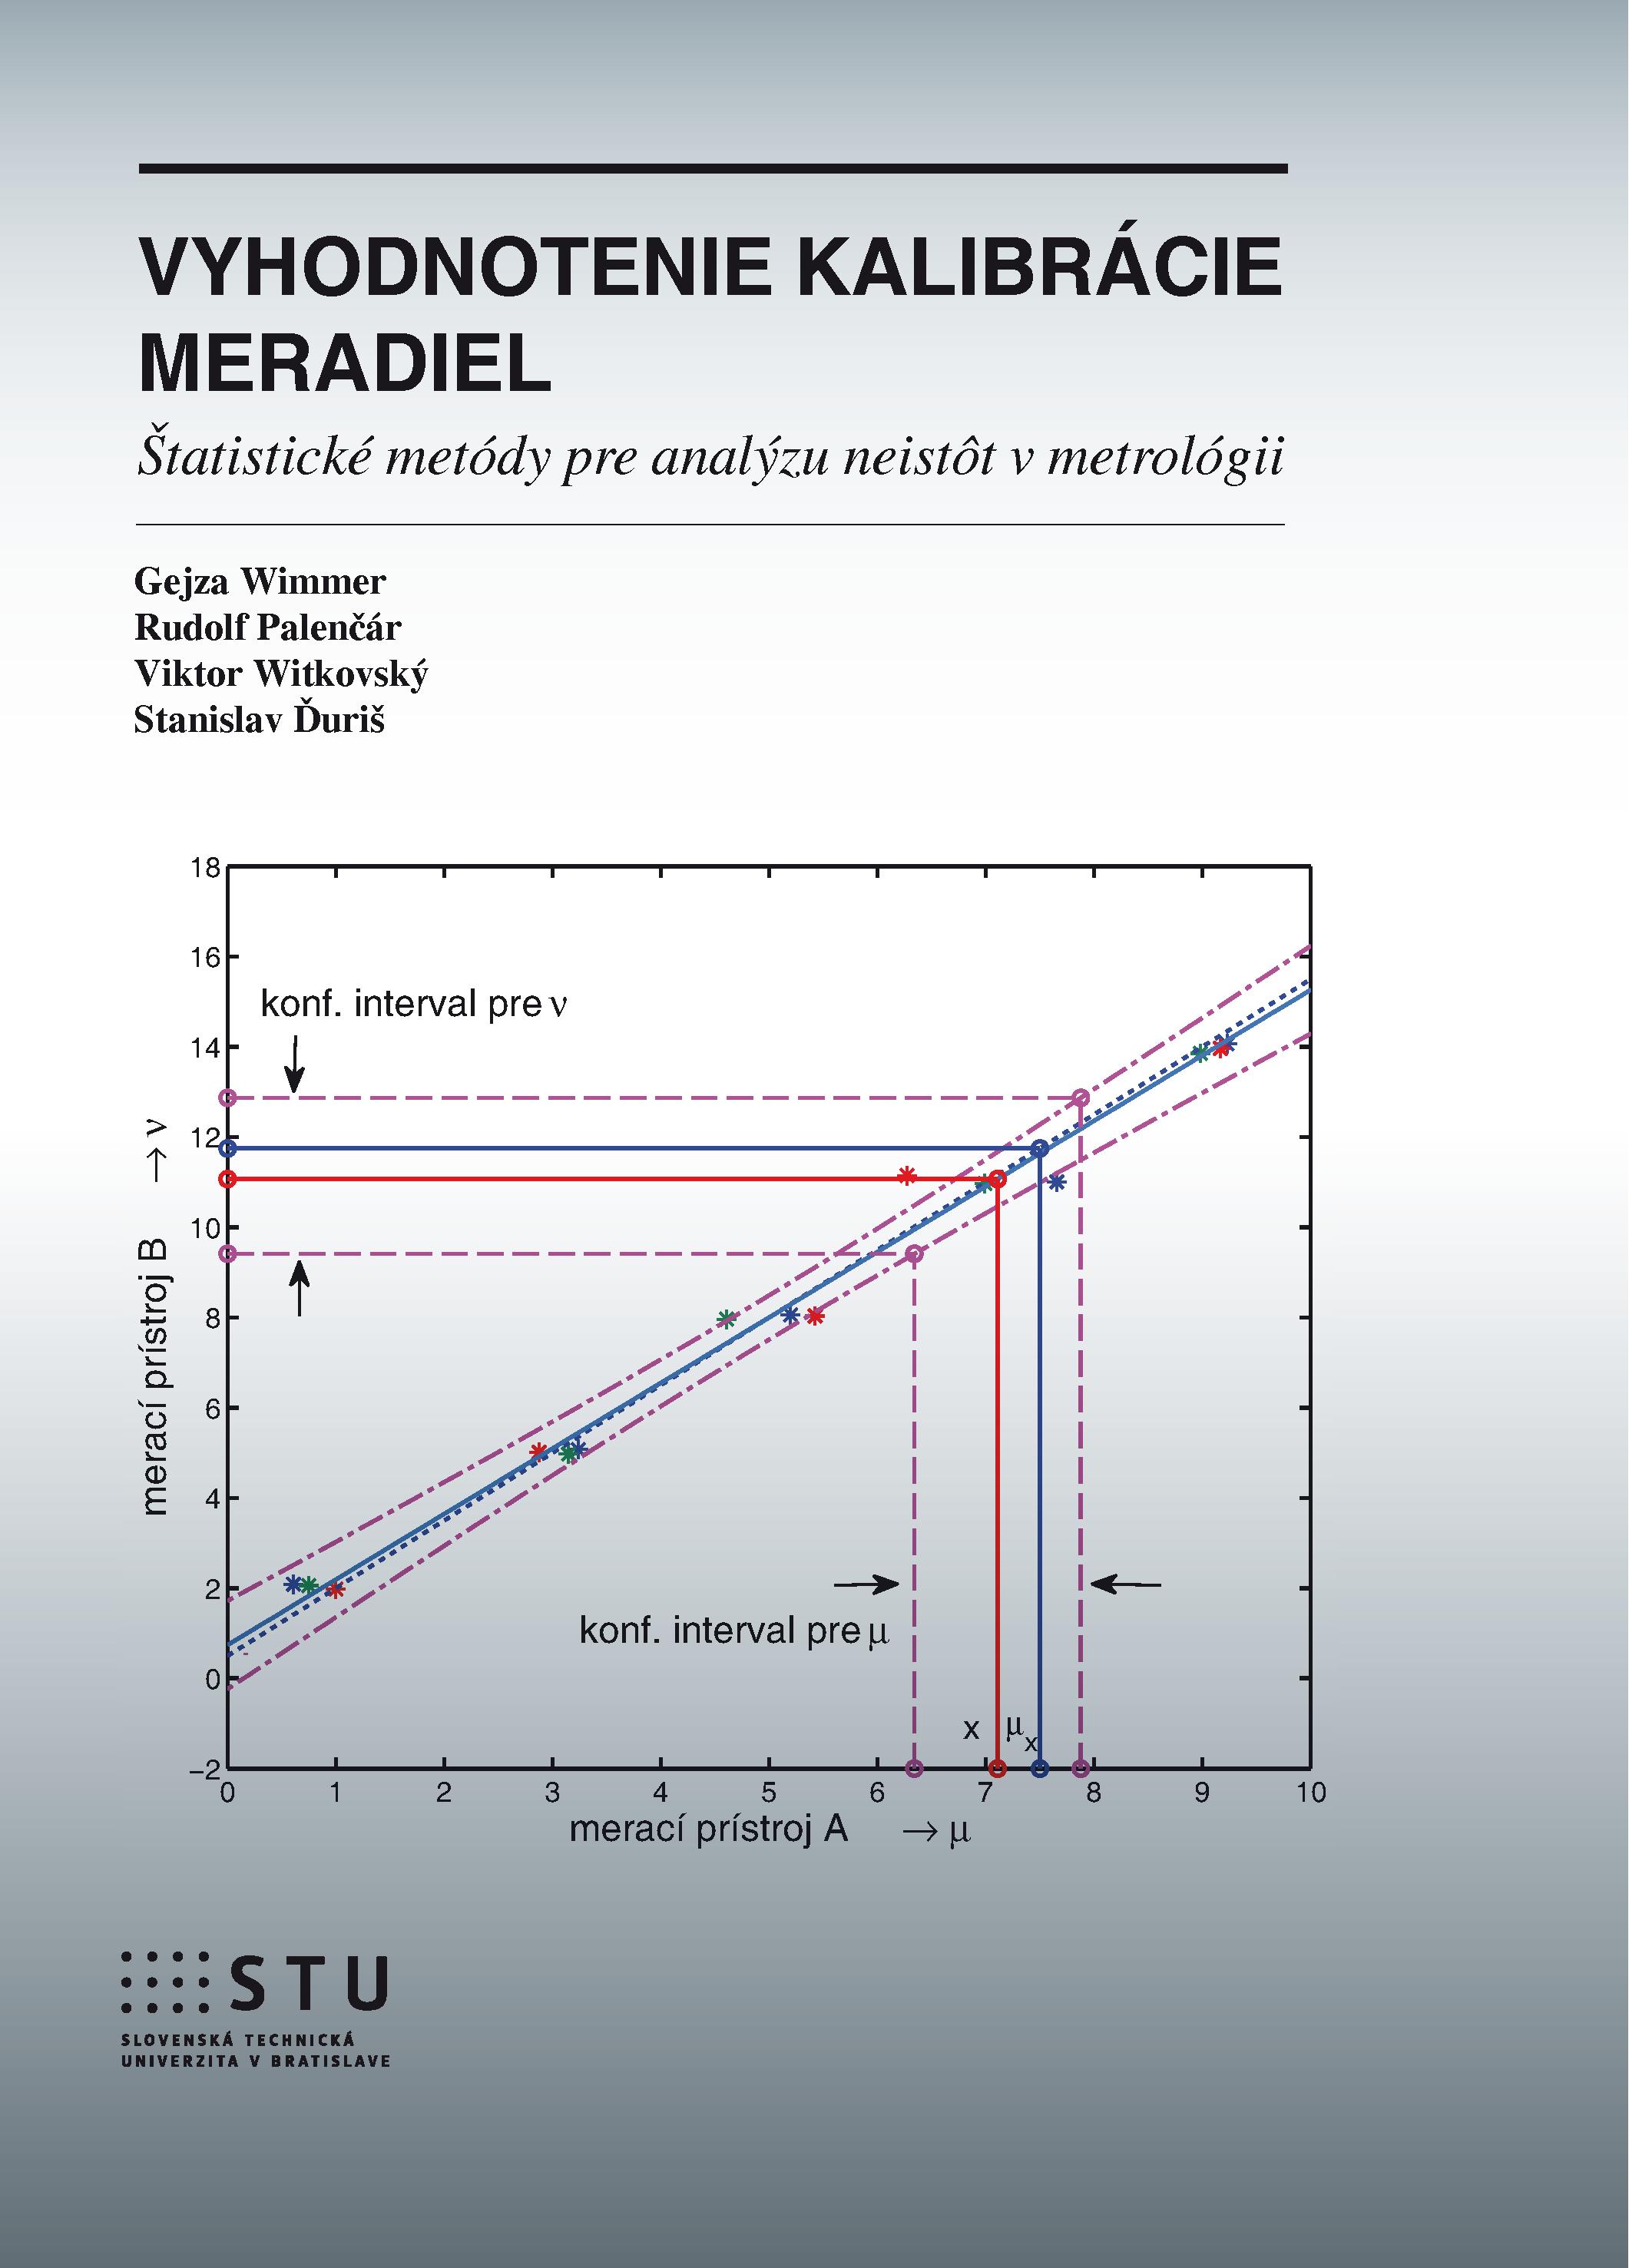 Vyhodnotenie kalibrácie meradiel - Štatistické metódy pre analýzu neistôt v metrológii